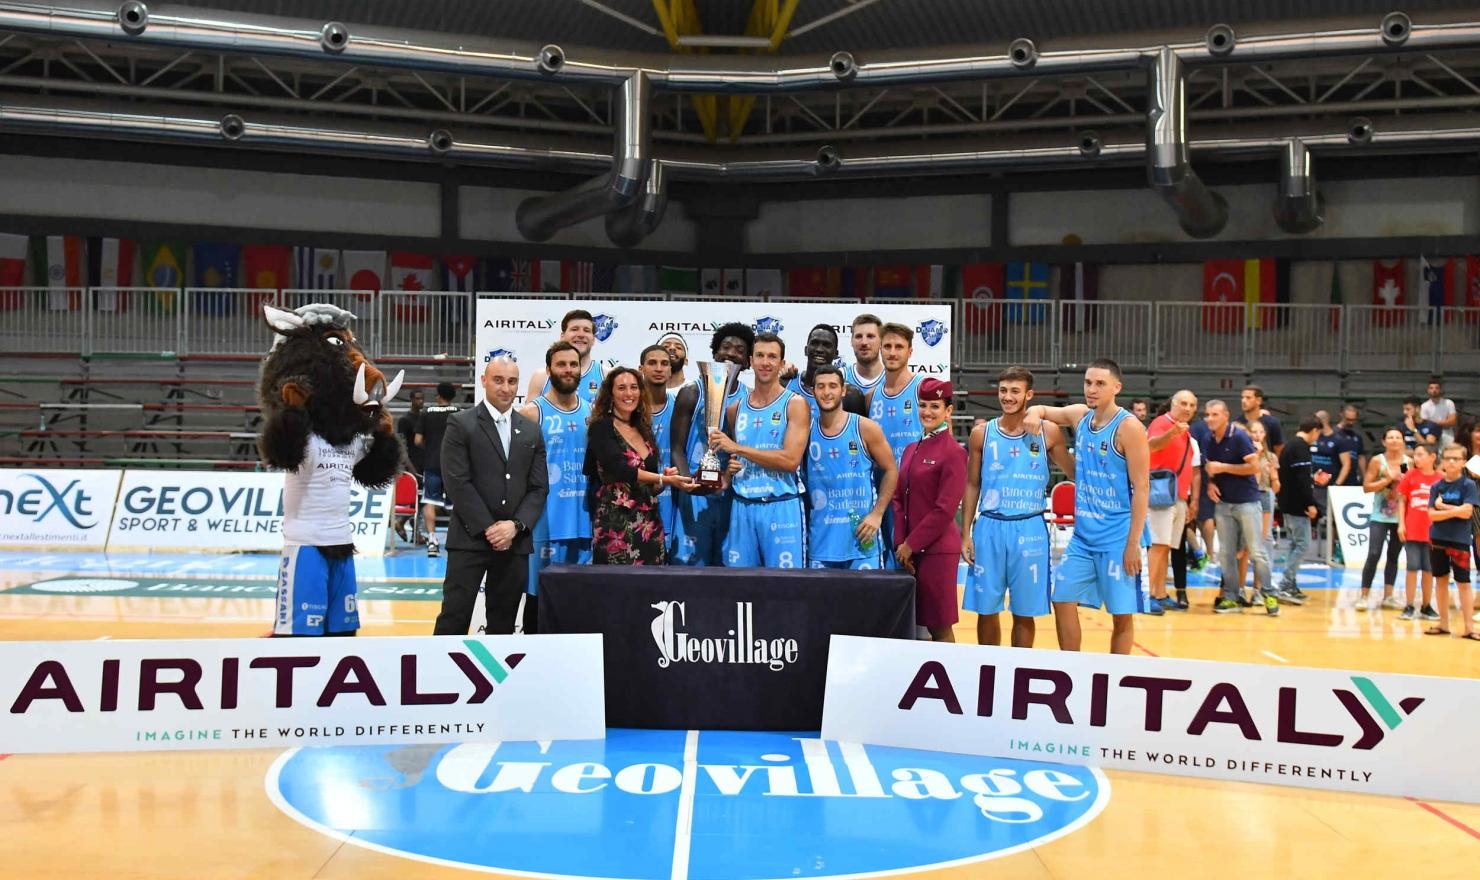 La Dinamo Sassari ha travolto la Scandone Avellino, al Pala Alto Gusto del Geovillage di Olbia, nella finale del 1° Torneo Air Italy: 90 a 60 (primo tempo 48 a 30).